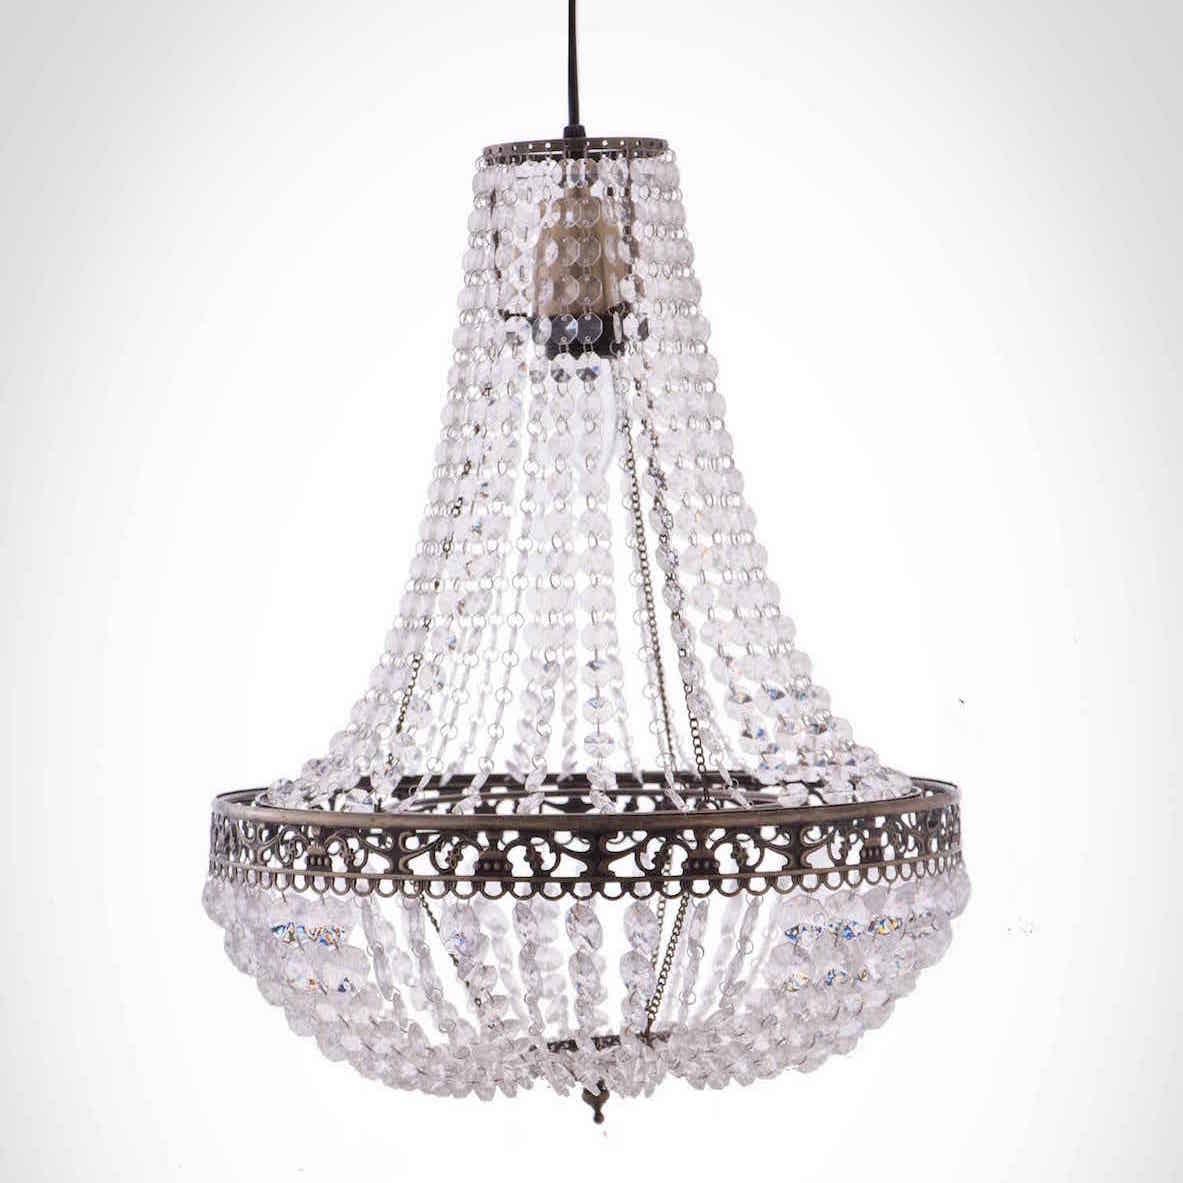 古銅華麗透明壓克力珠吊燈-BNL00050 0